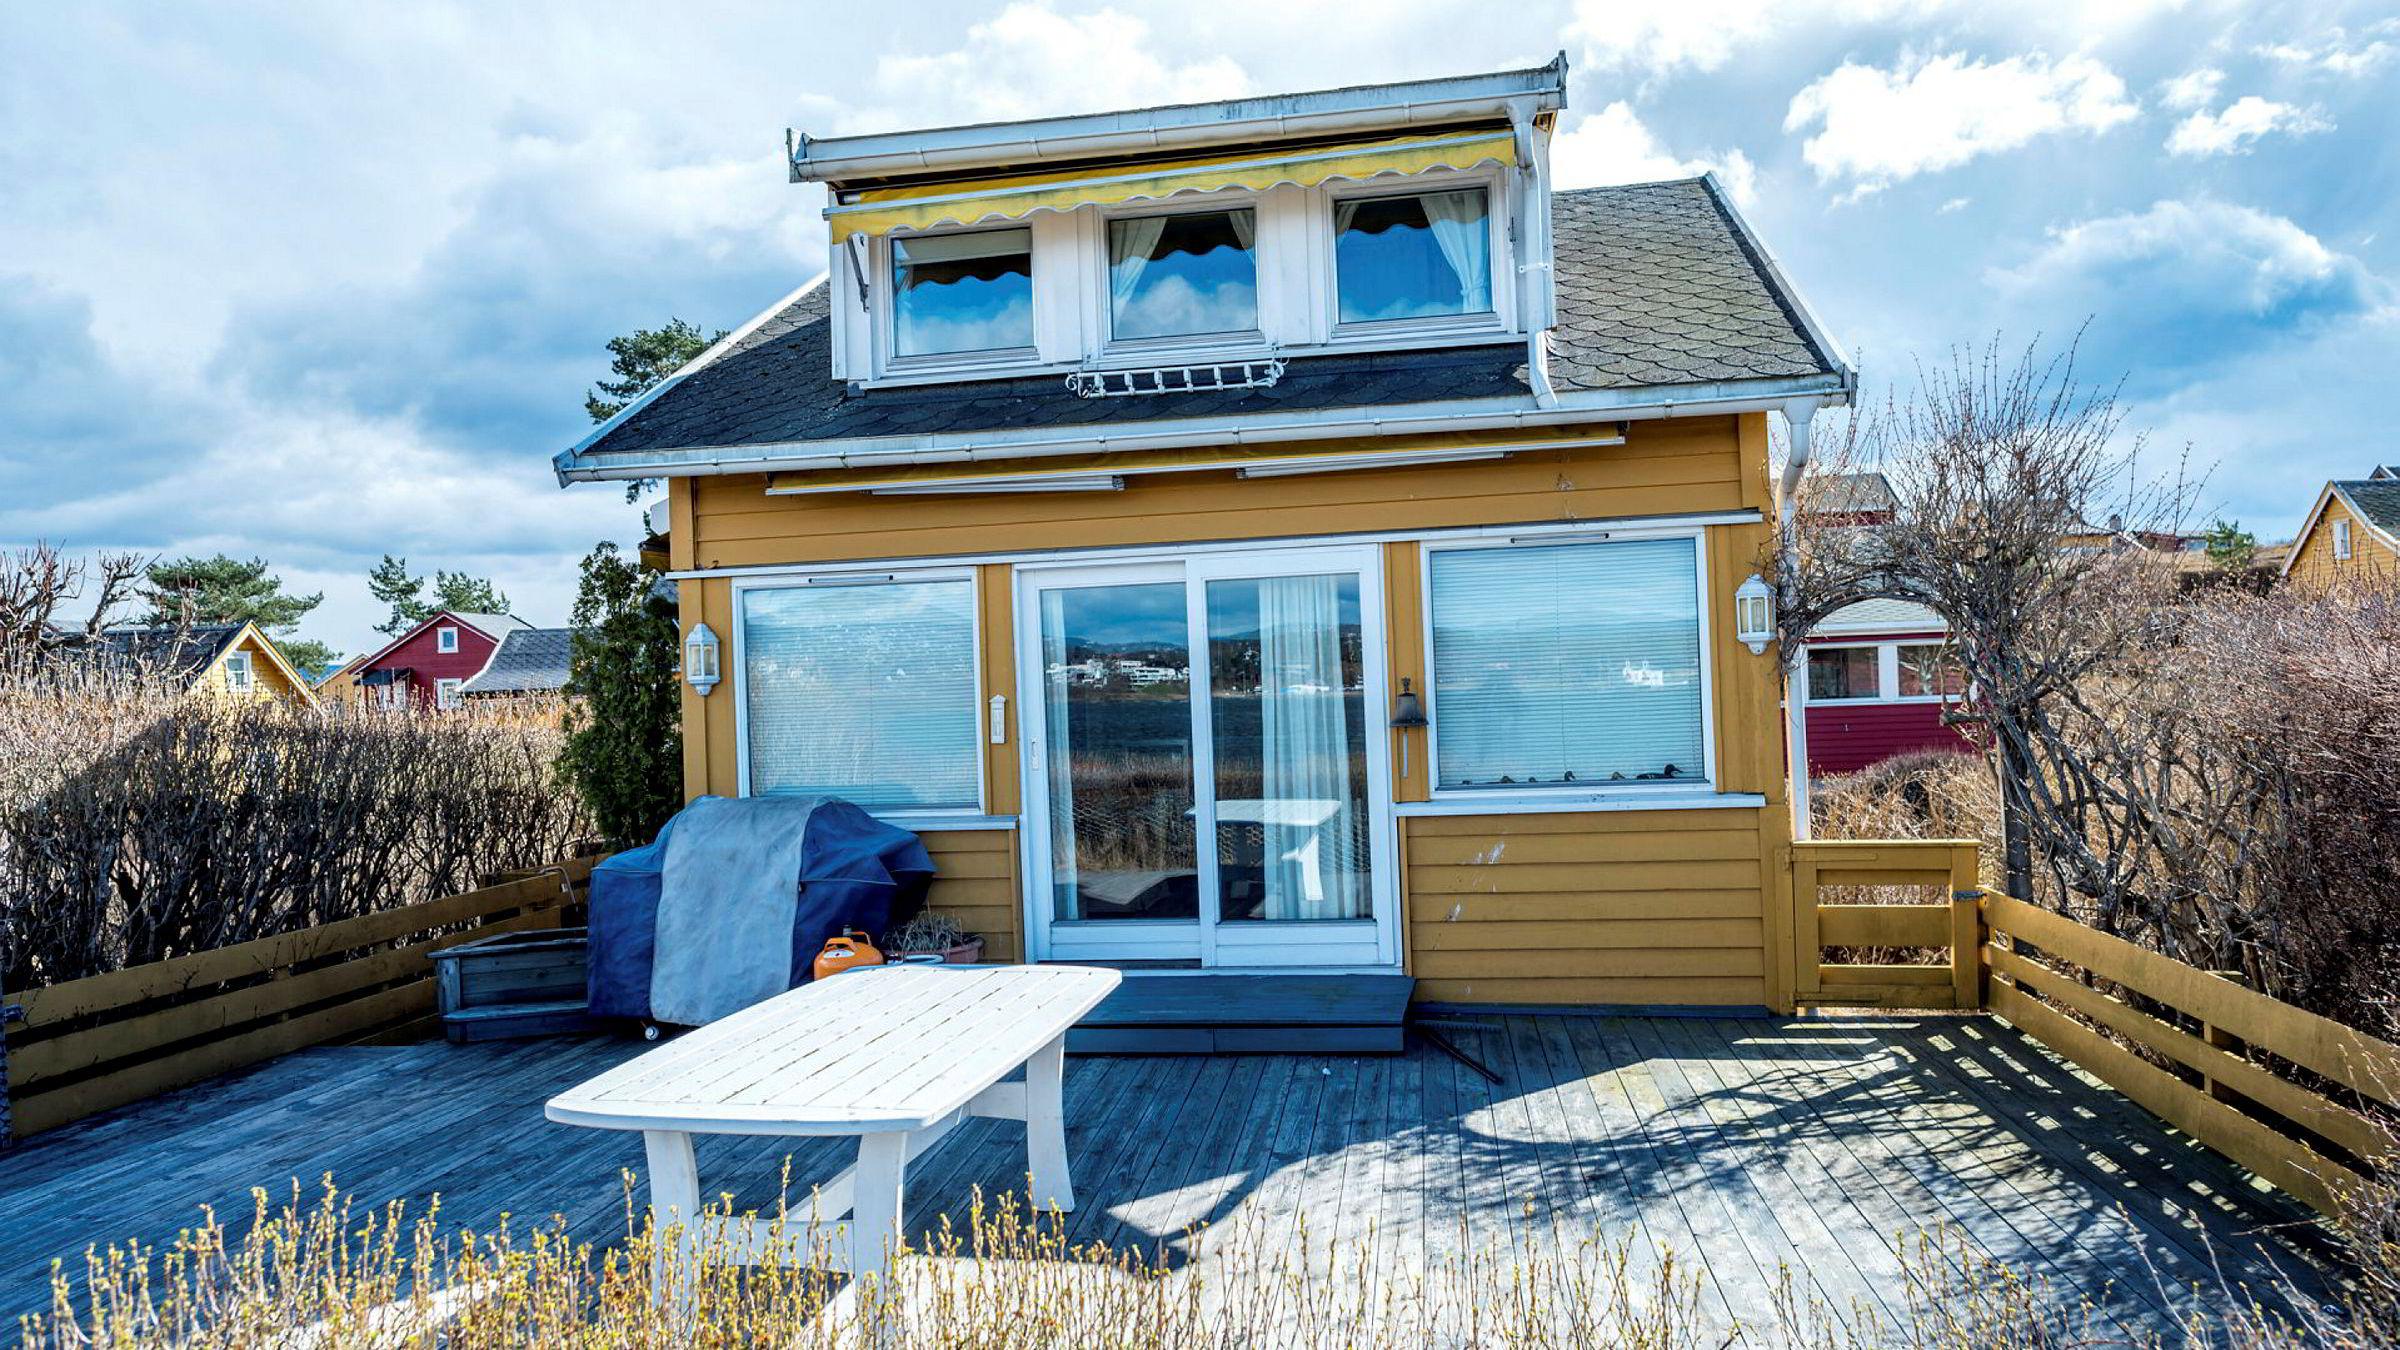 Den 40 kvadratmeter store fritidseiendommen på Nakholmen i Oslo, ble solgt for 300.000 kroner over prisantydning.